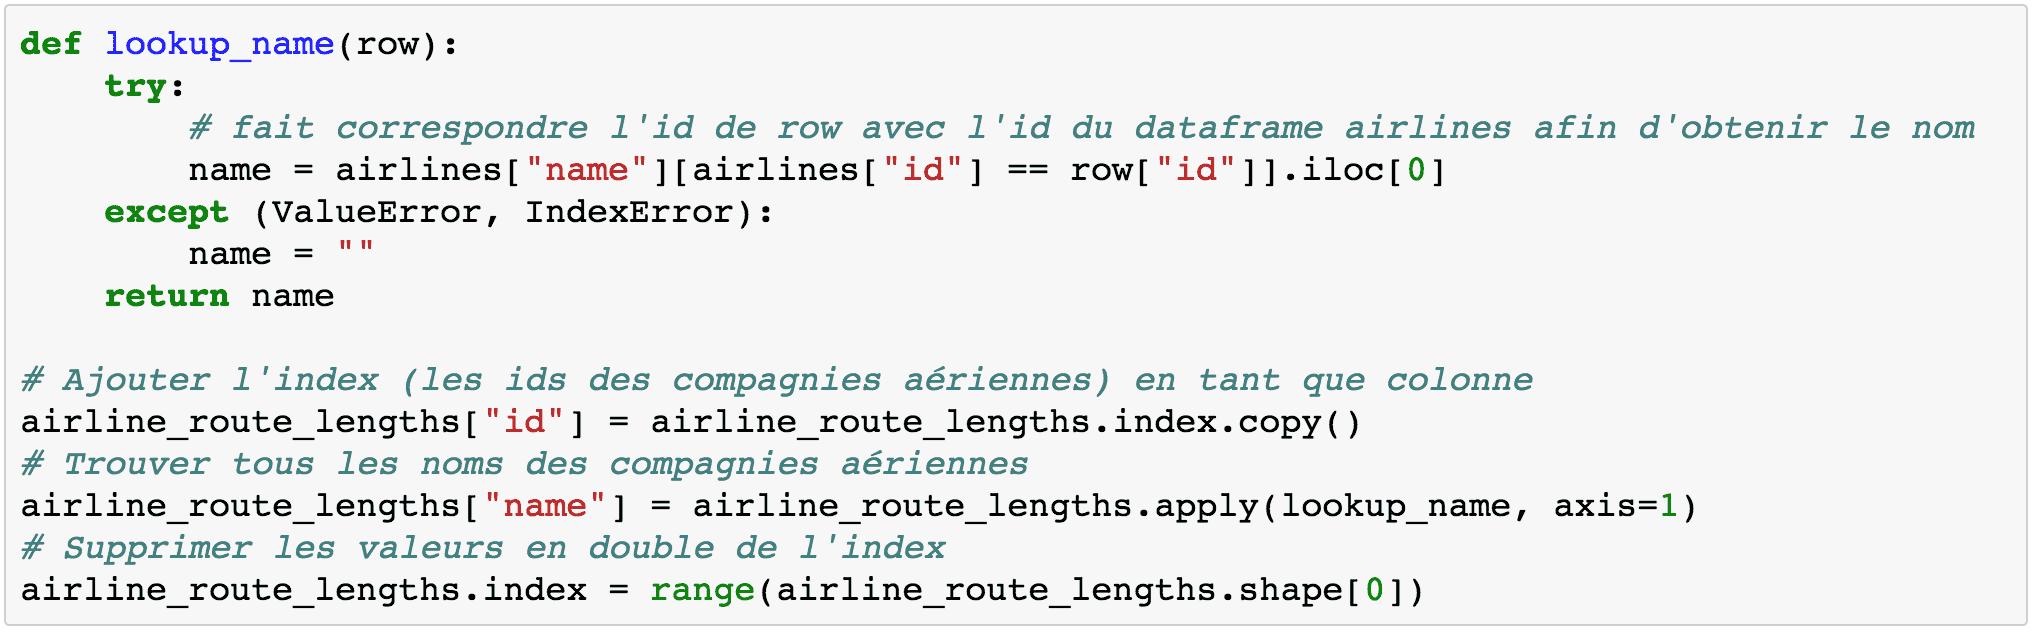 Visualisation de données en Python: comparaison d'outils 13